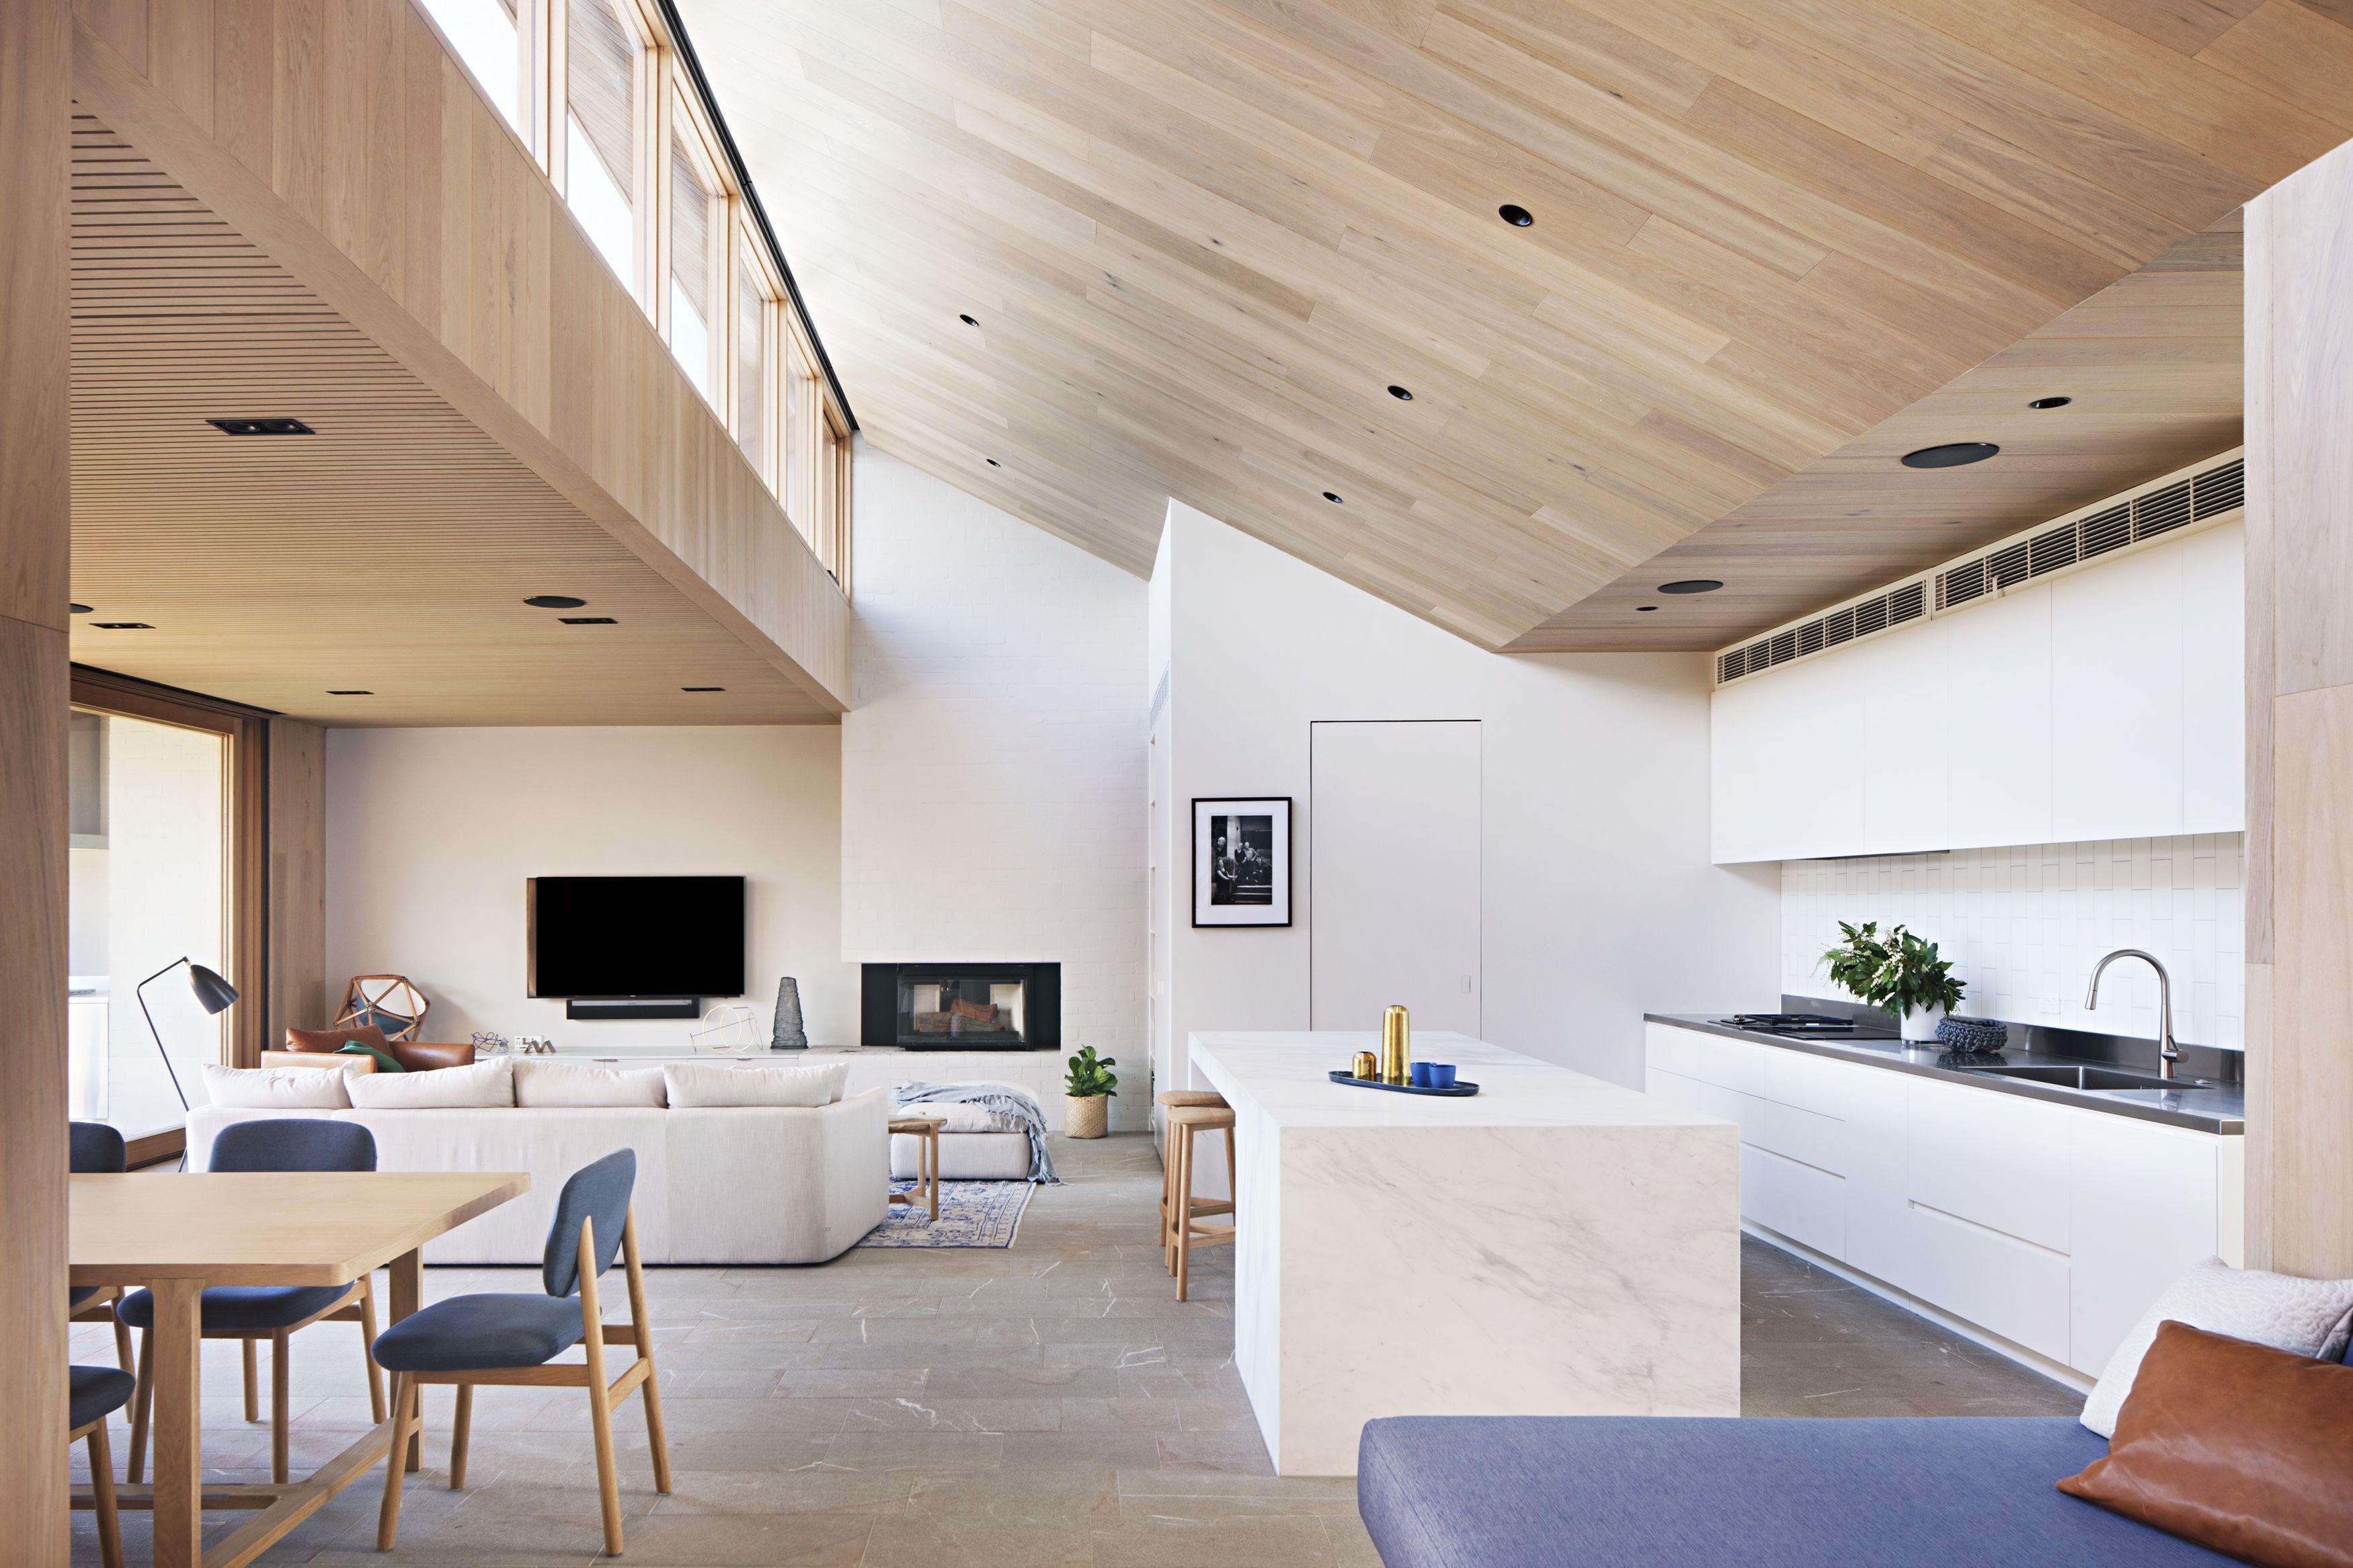 Pin by Liz Steel on Dream Kitchen | Pinterest | Design awards ...